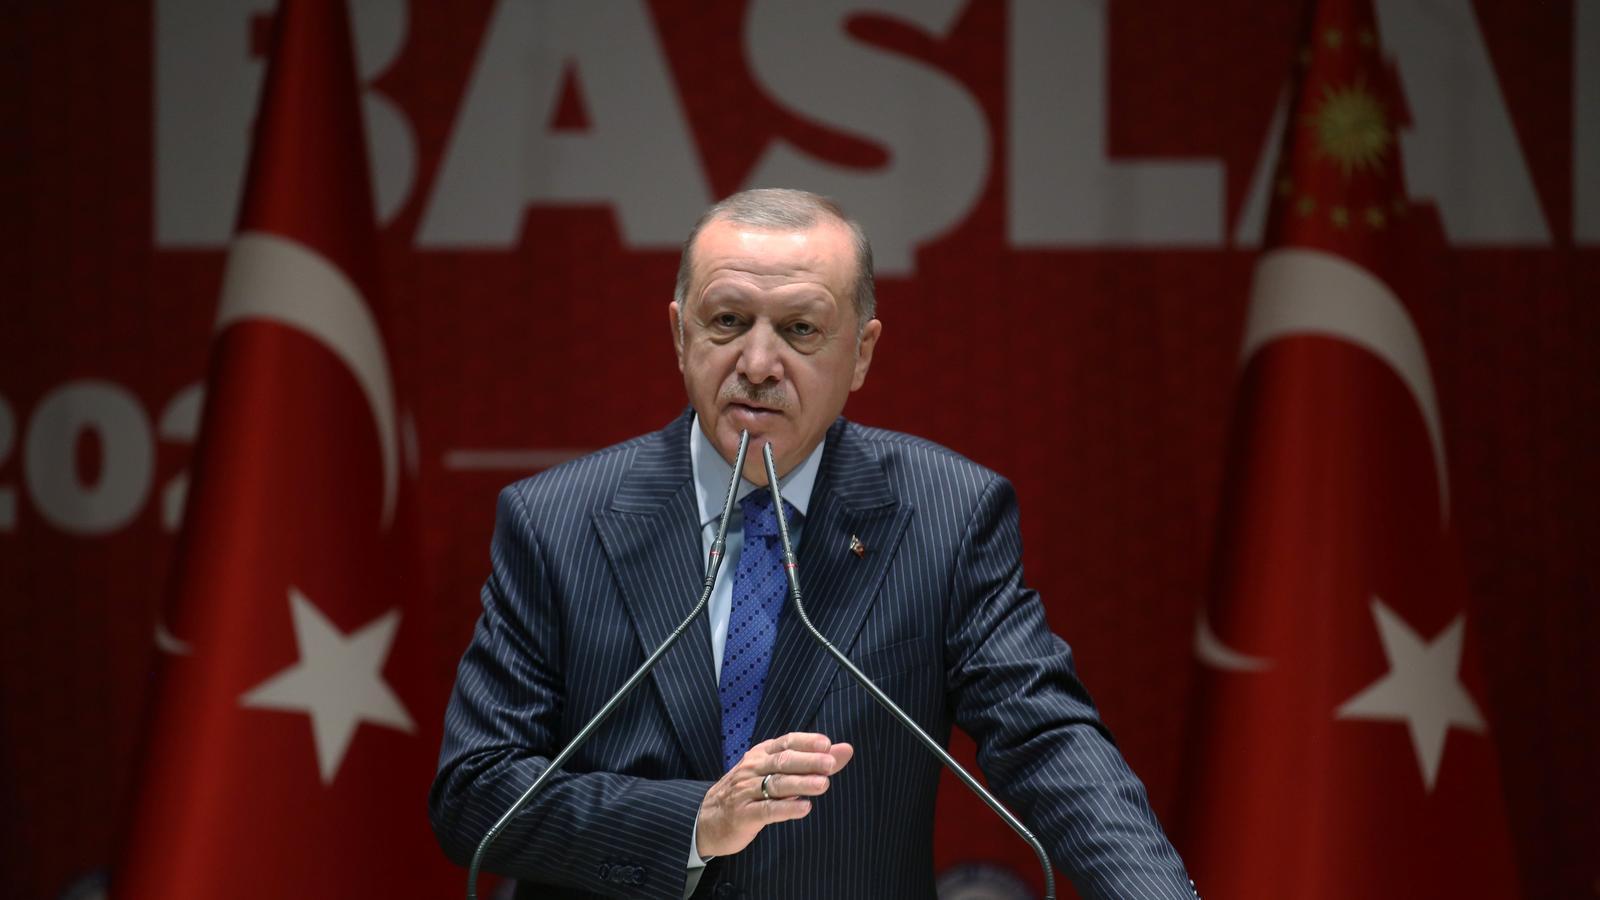 El president turc adreçant-se als membres del seu partit, aquest dijous a Ankara